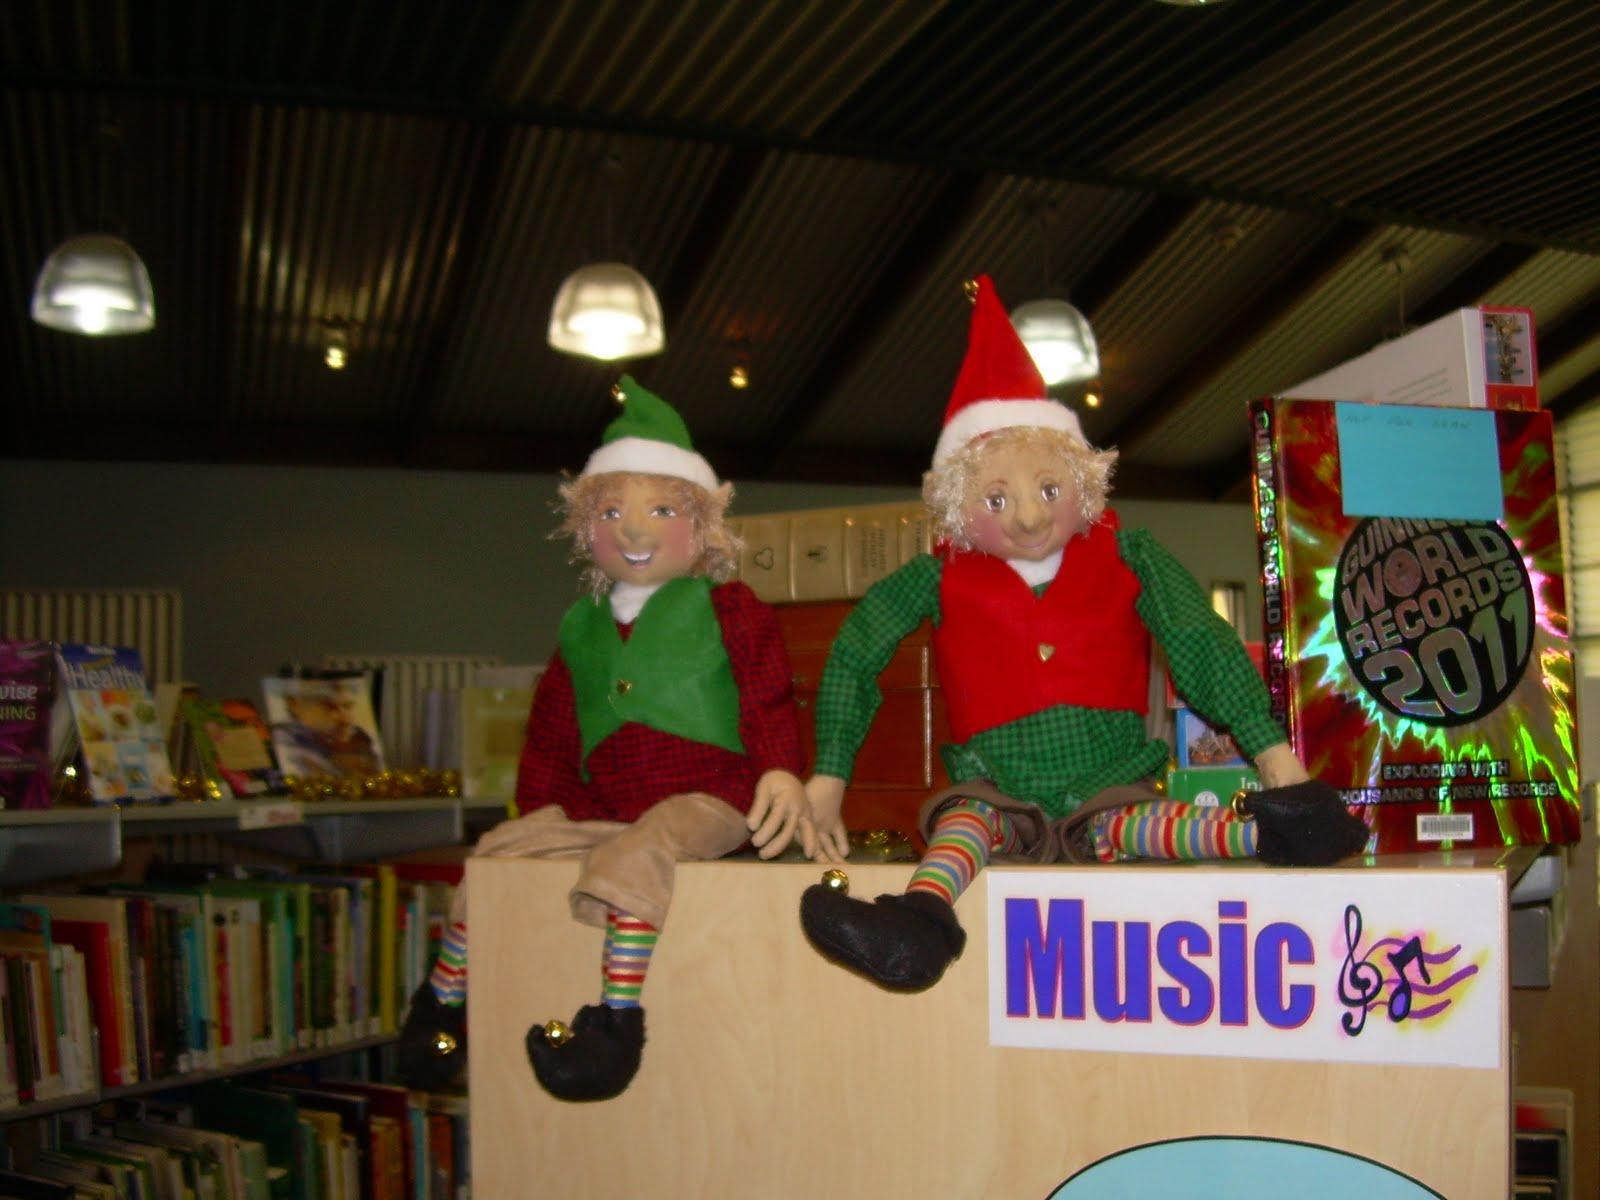 http://2.bp.blogspot.com/-OIO7FxTjMlU/TuvPUldGX2I/AAAAAAAAAKE/UmGHLp9qU6A/s1600/Christmas%2Belves.jpg